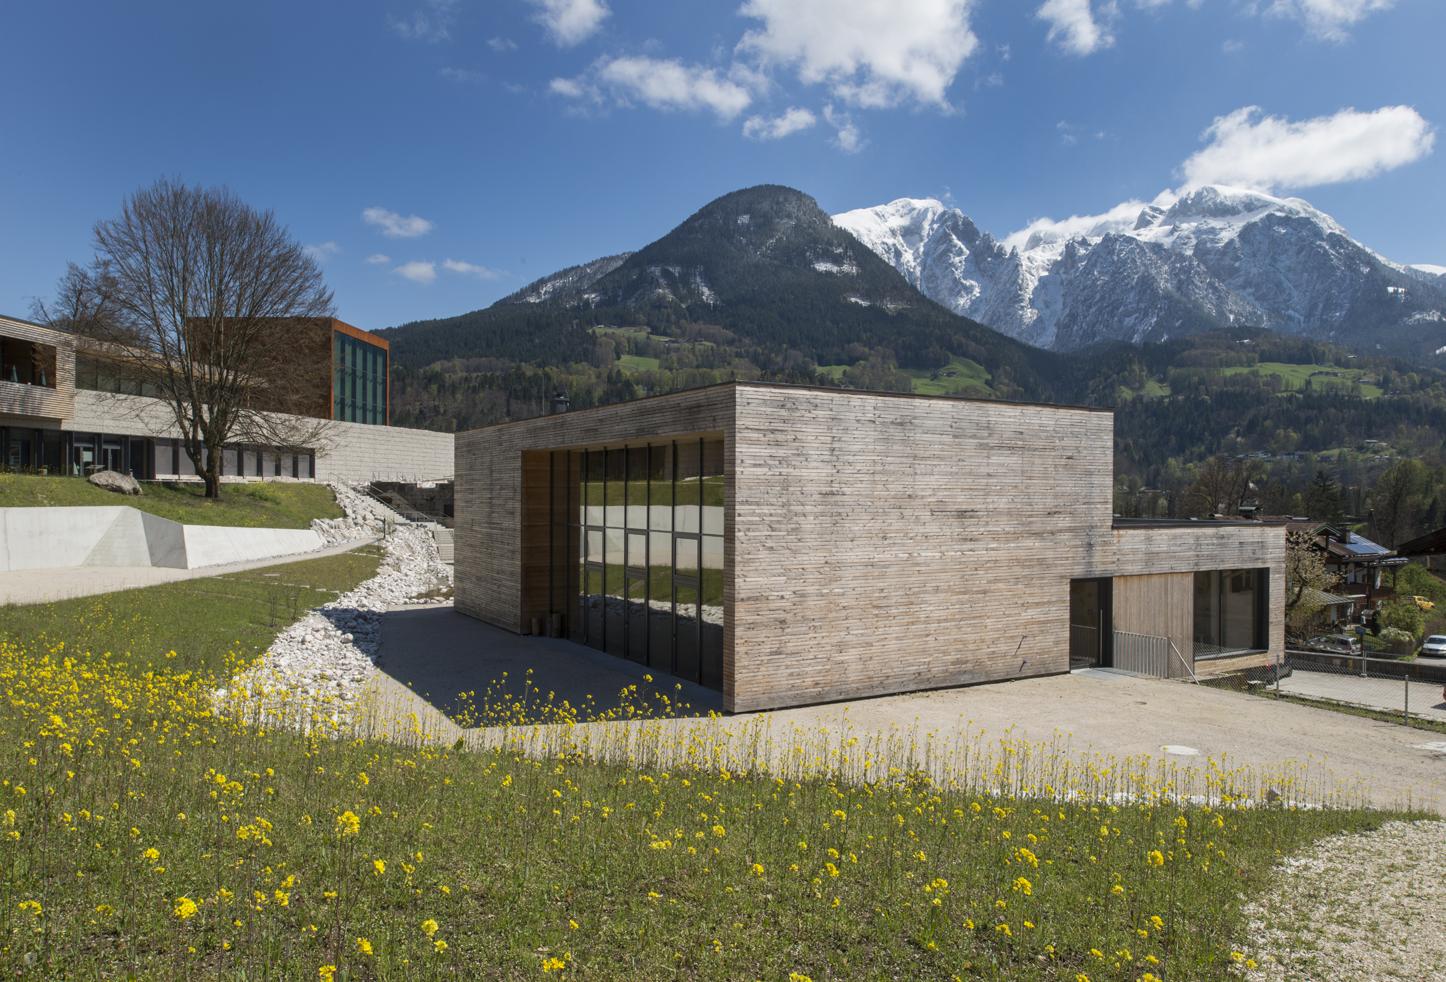 Artouro ergebnisse muenchenarchitektur for Modernes haus berg